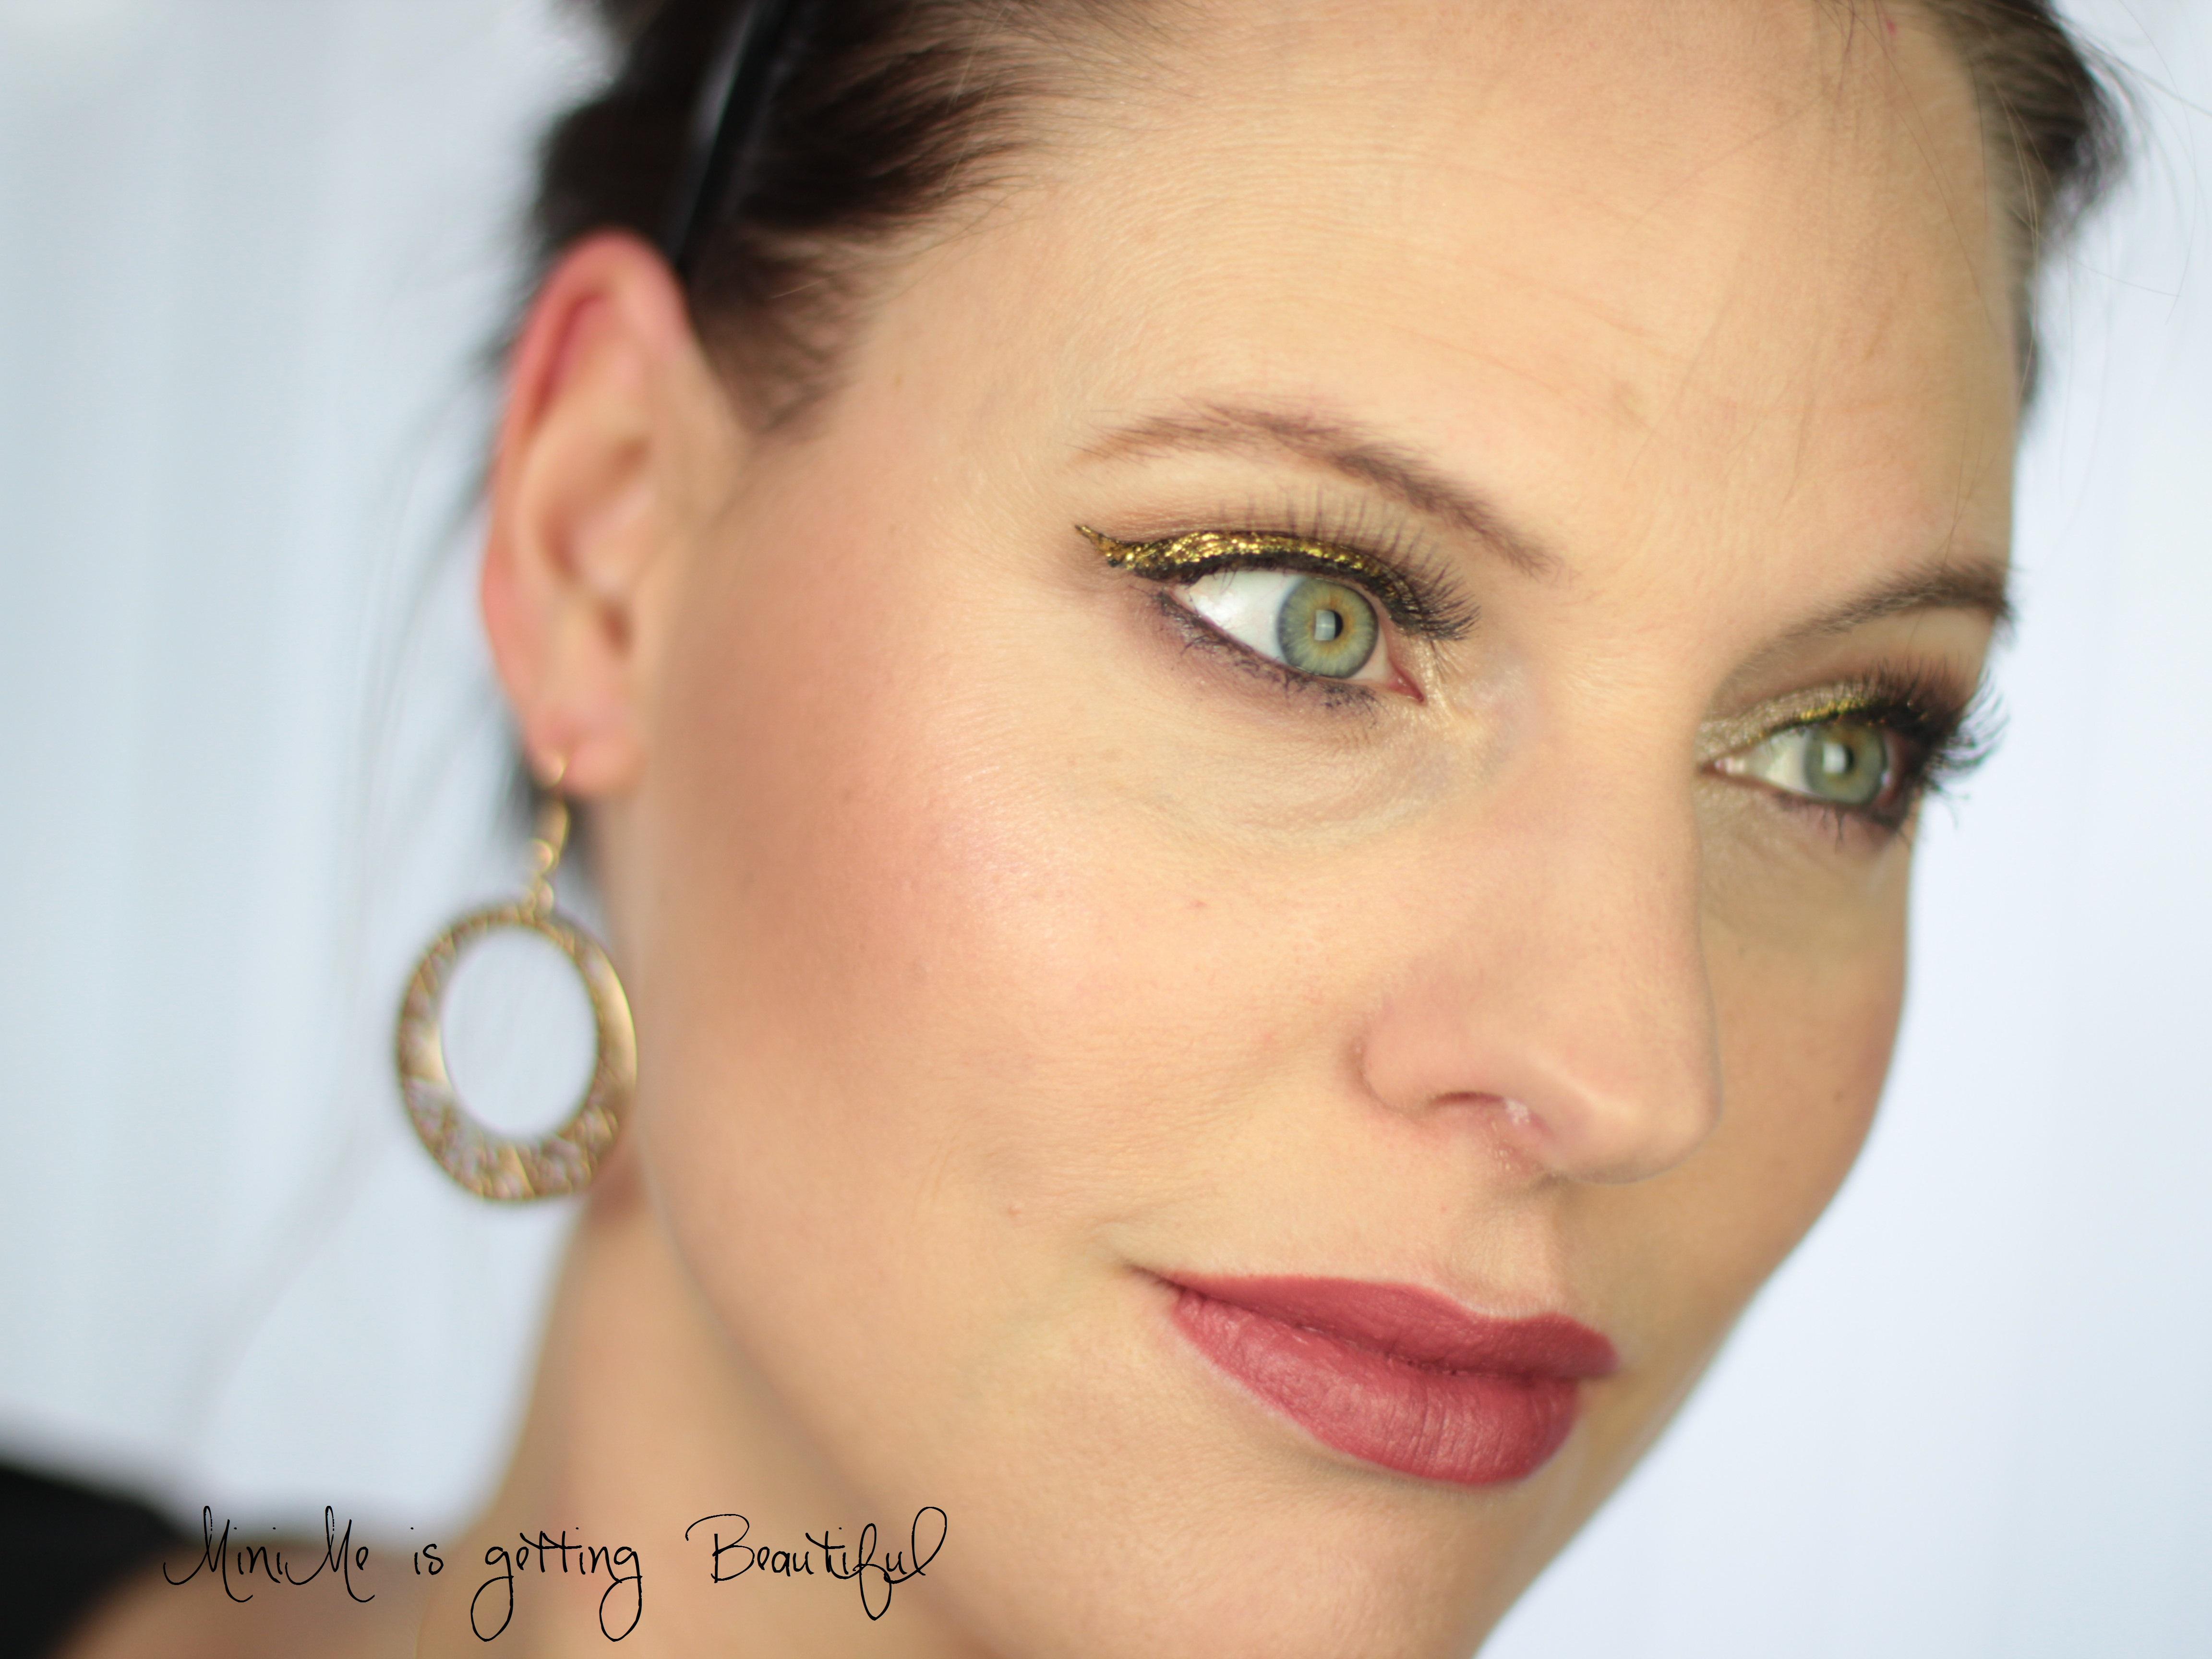 MiniMe is getting Beautiful Nachgeschminkt Glitter Eyeliner